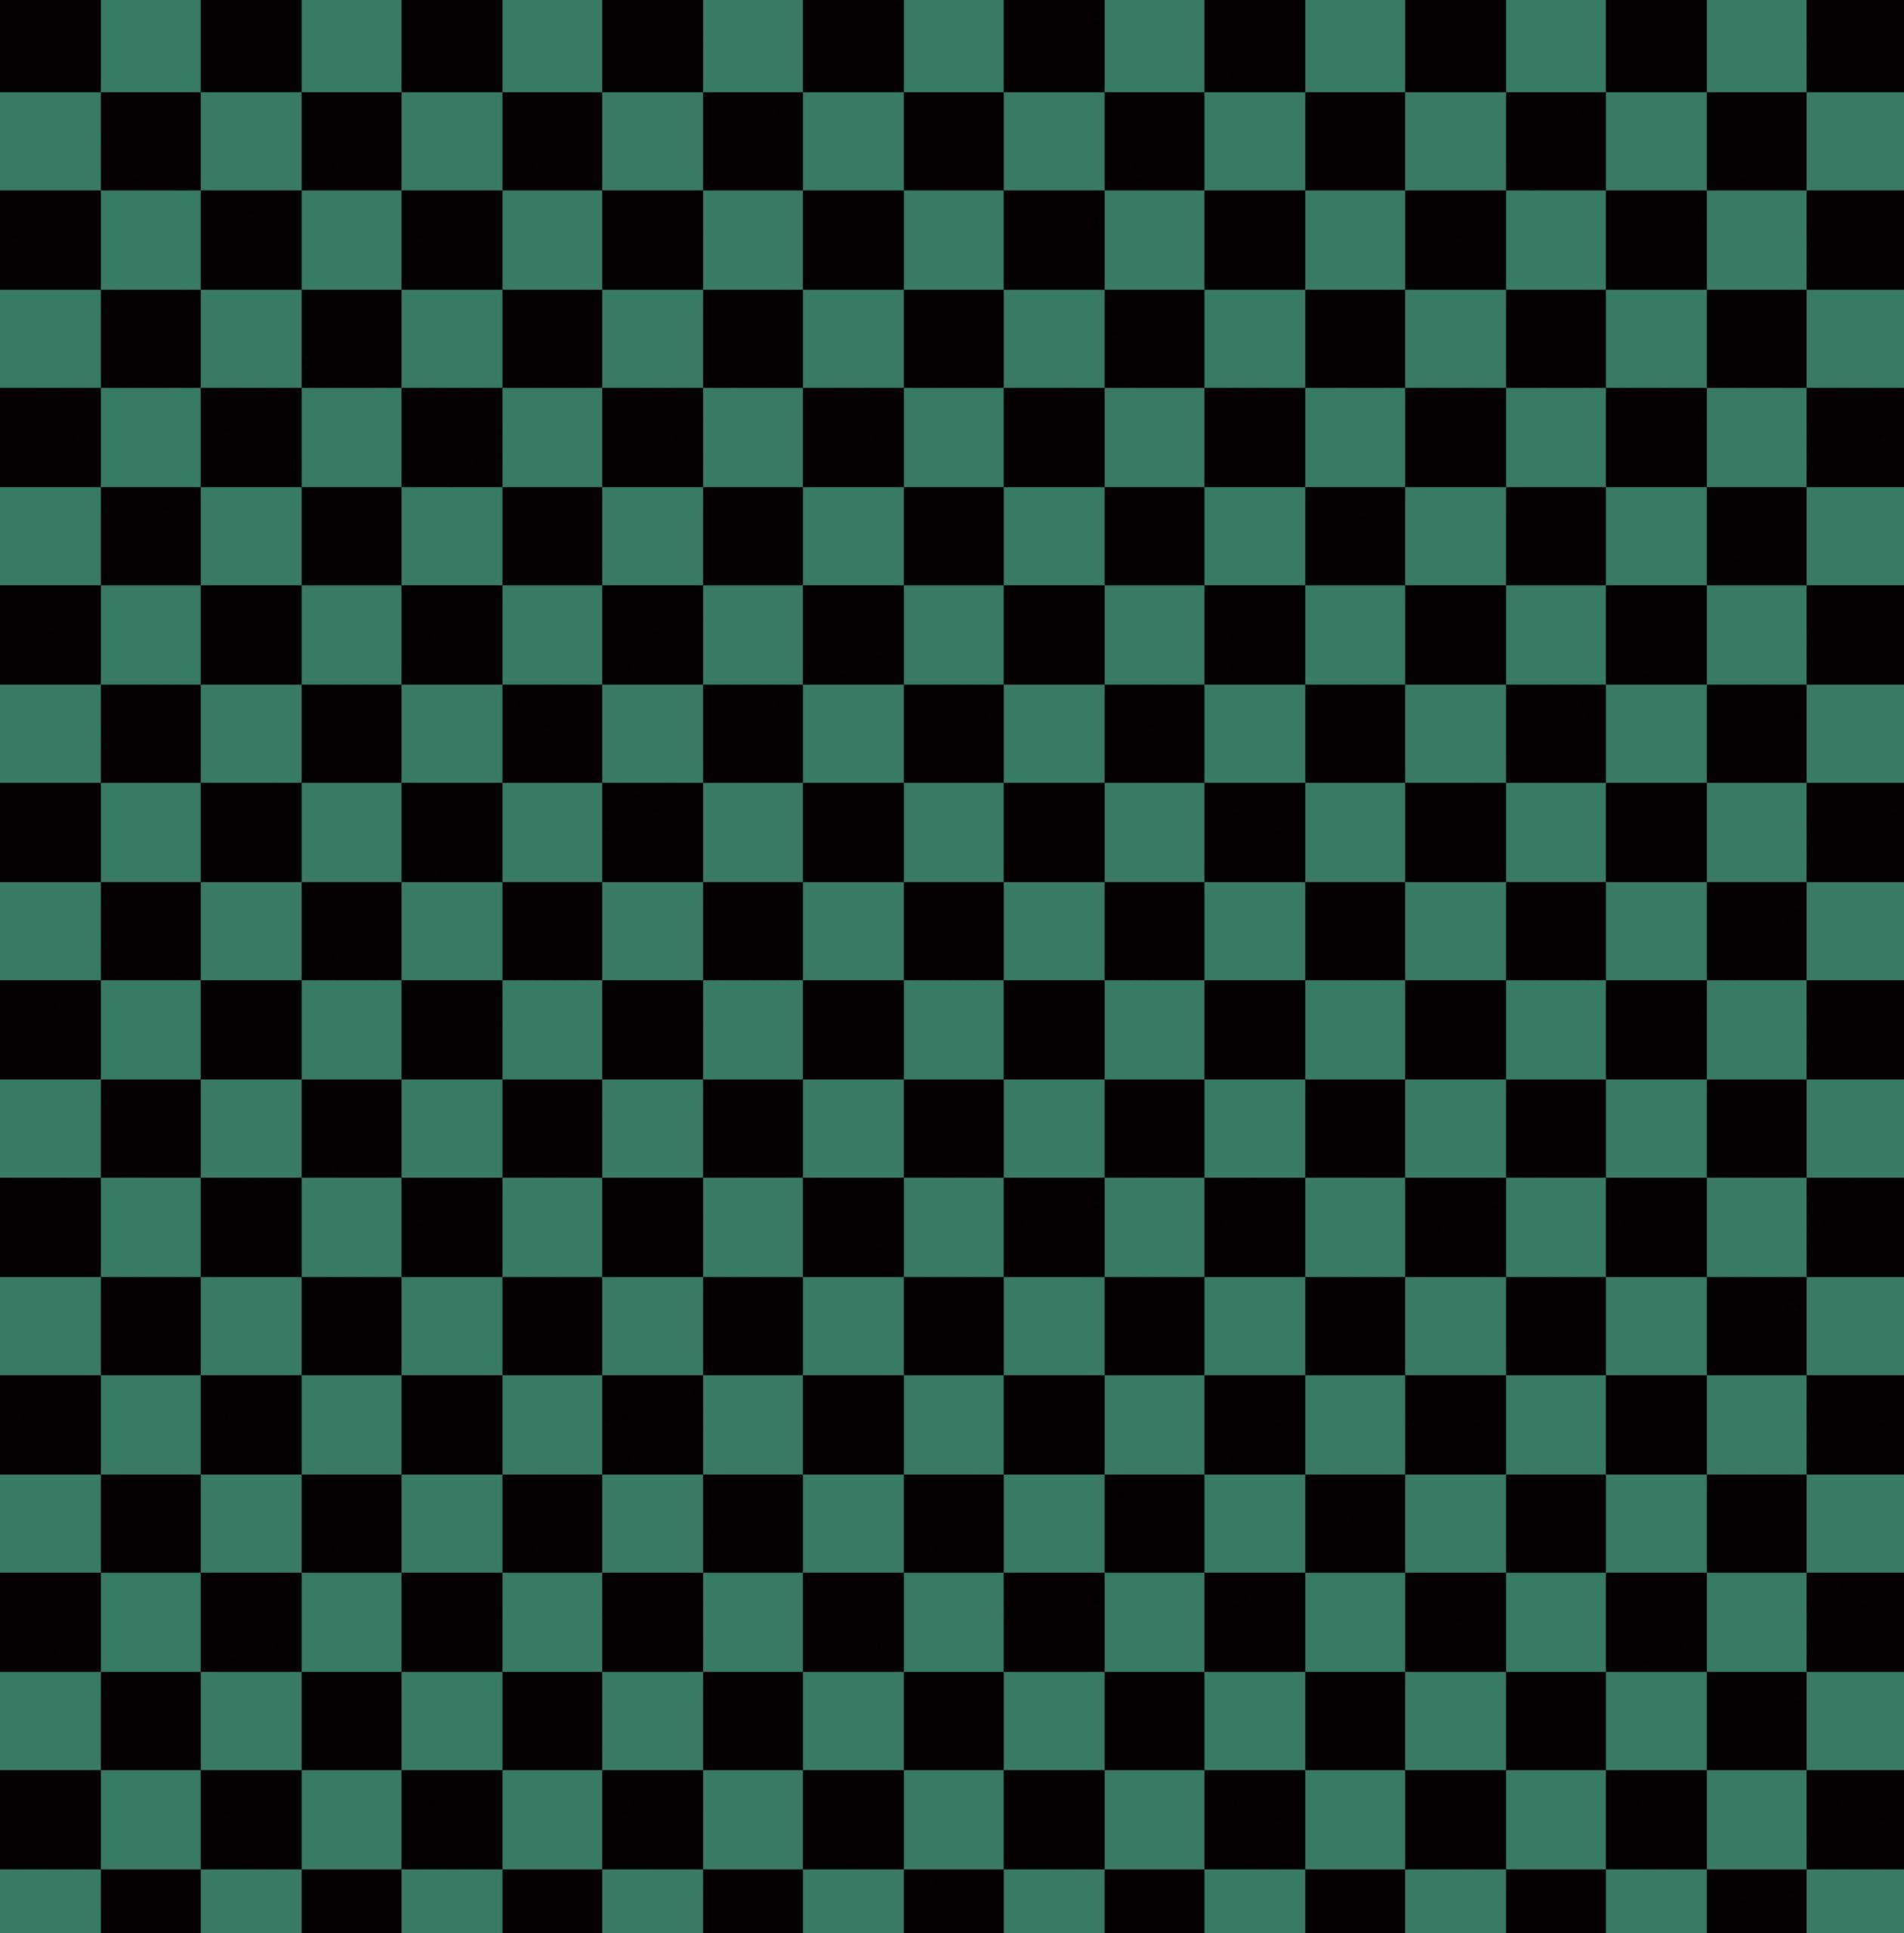 市松模様・黒×緑・七五三・背景